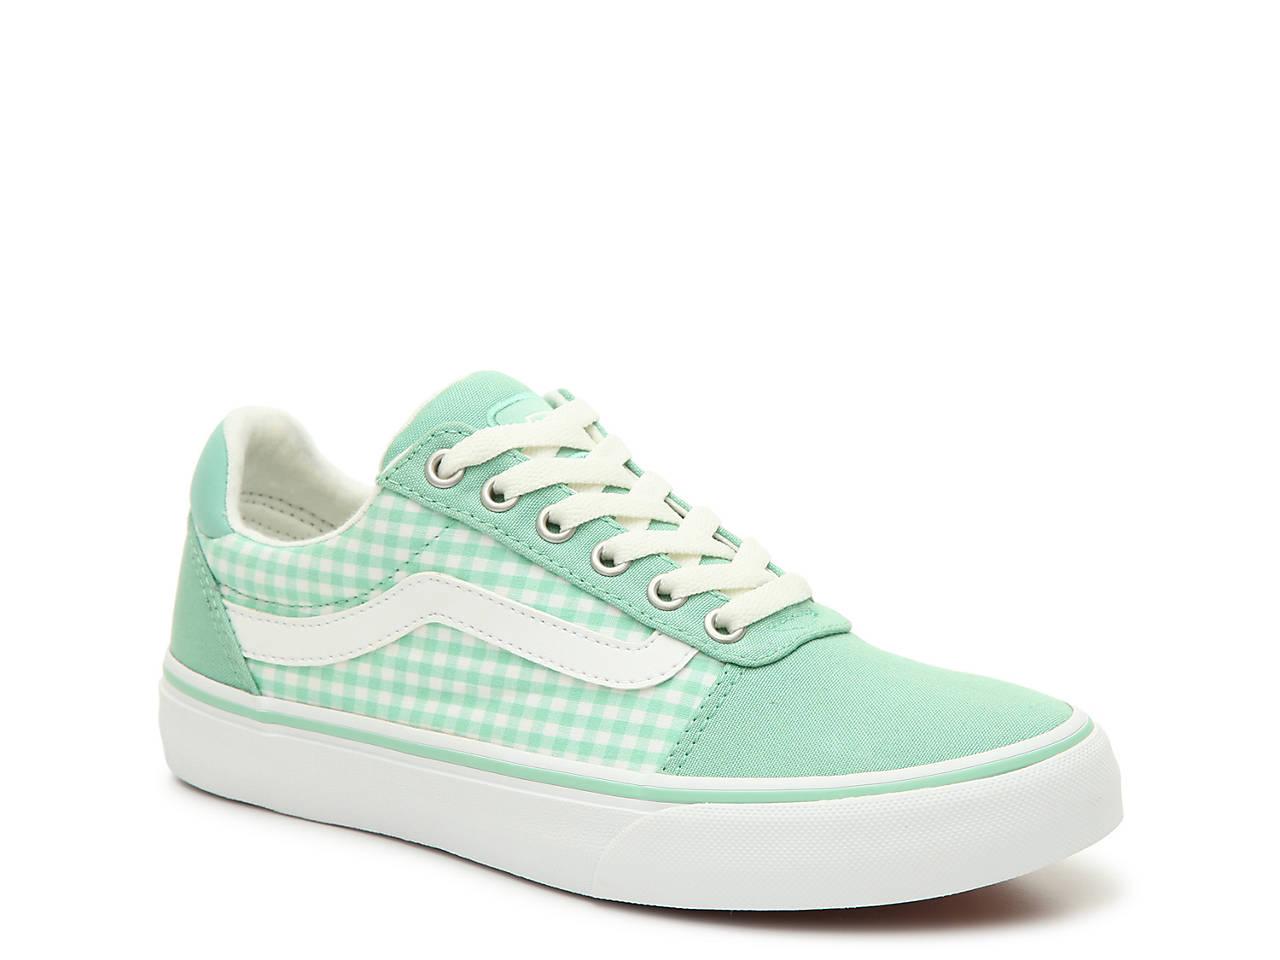 f81c61504e Vans Ward Del Sneaker - Women s Women s Shoes